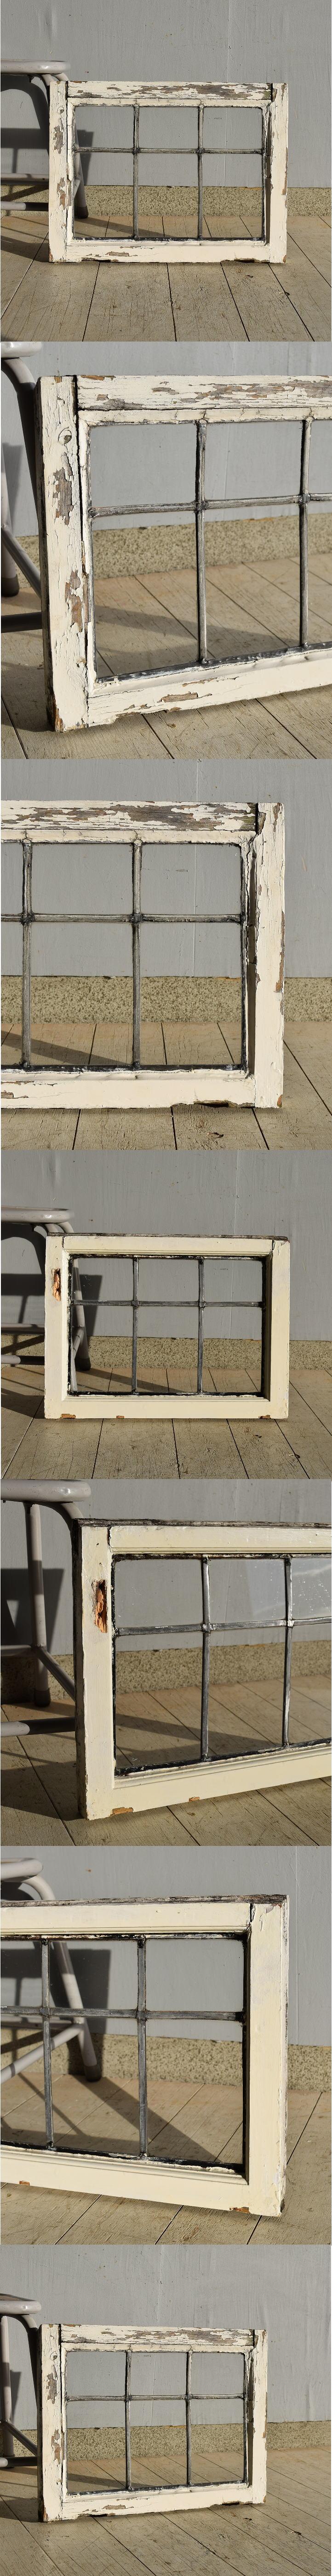 イギリス アンティーク 窓 格子窓 建具 7562